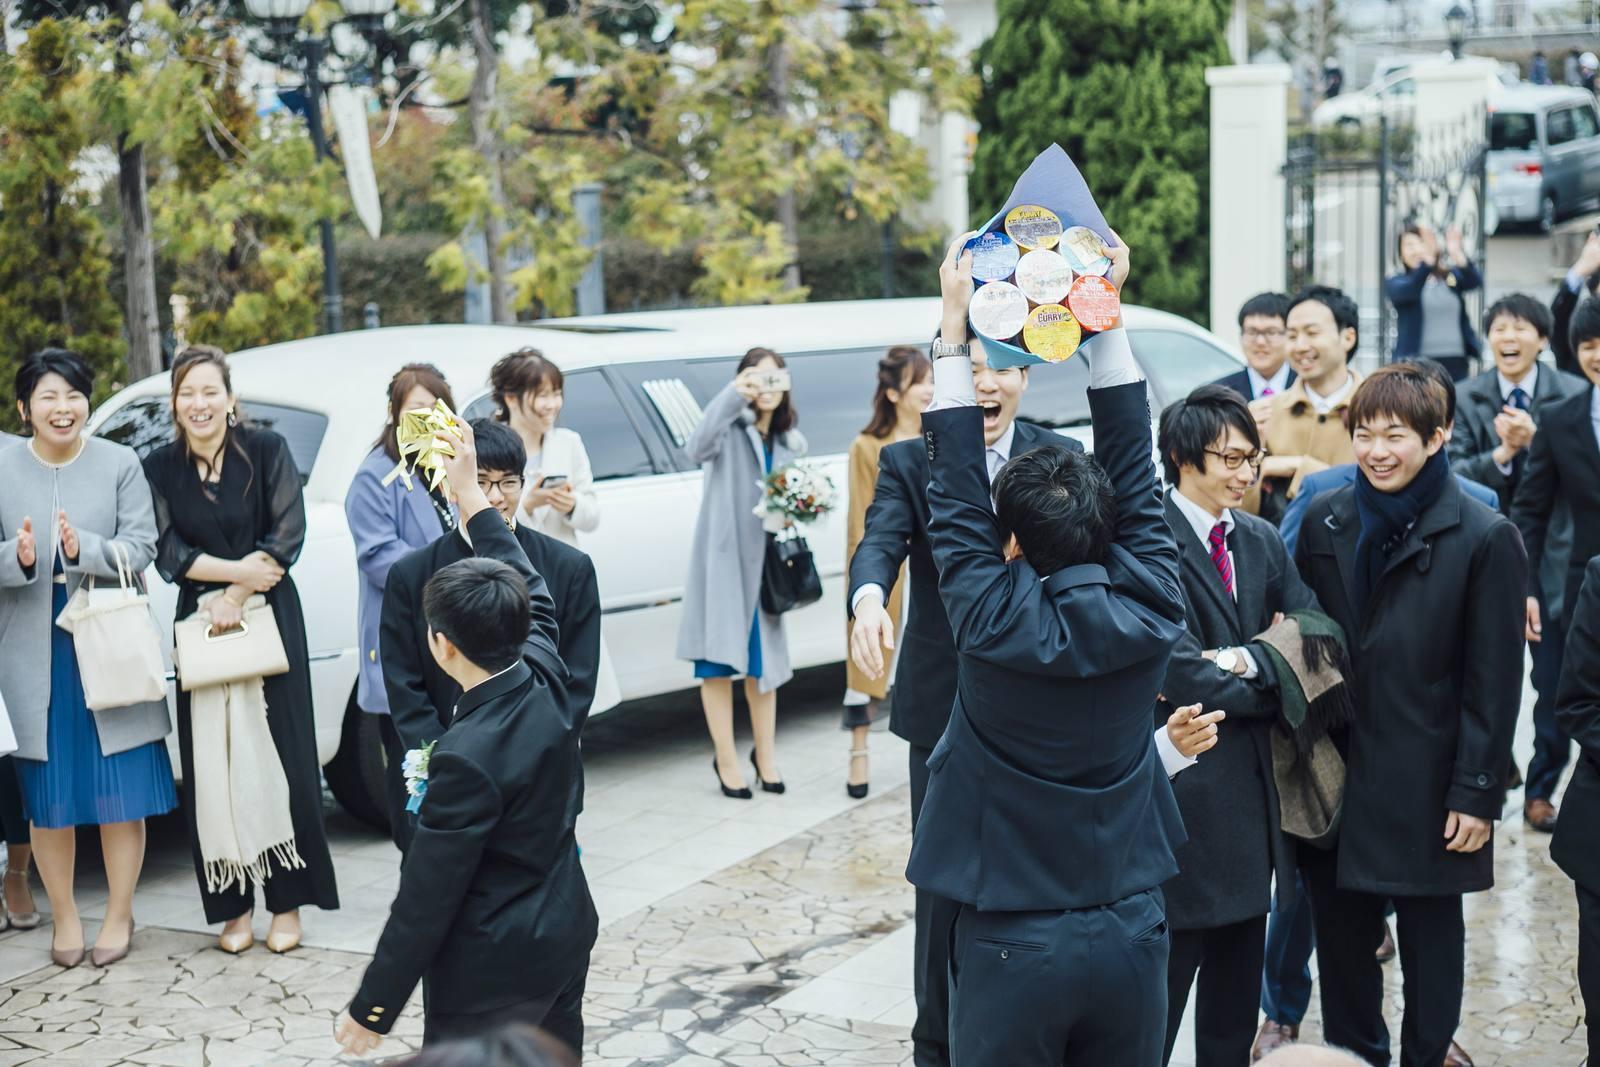 香川県の結婚式場シェルエメール&アイスタイルのカップラーメントス